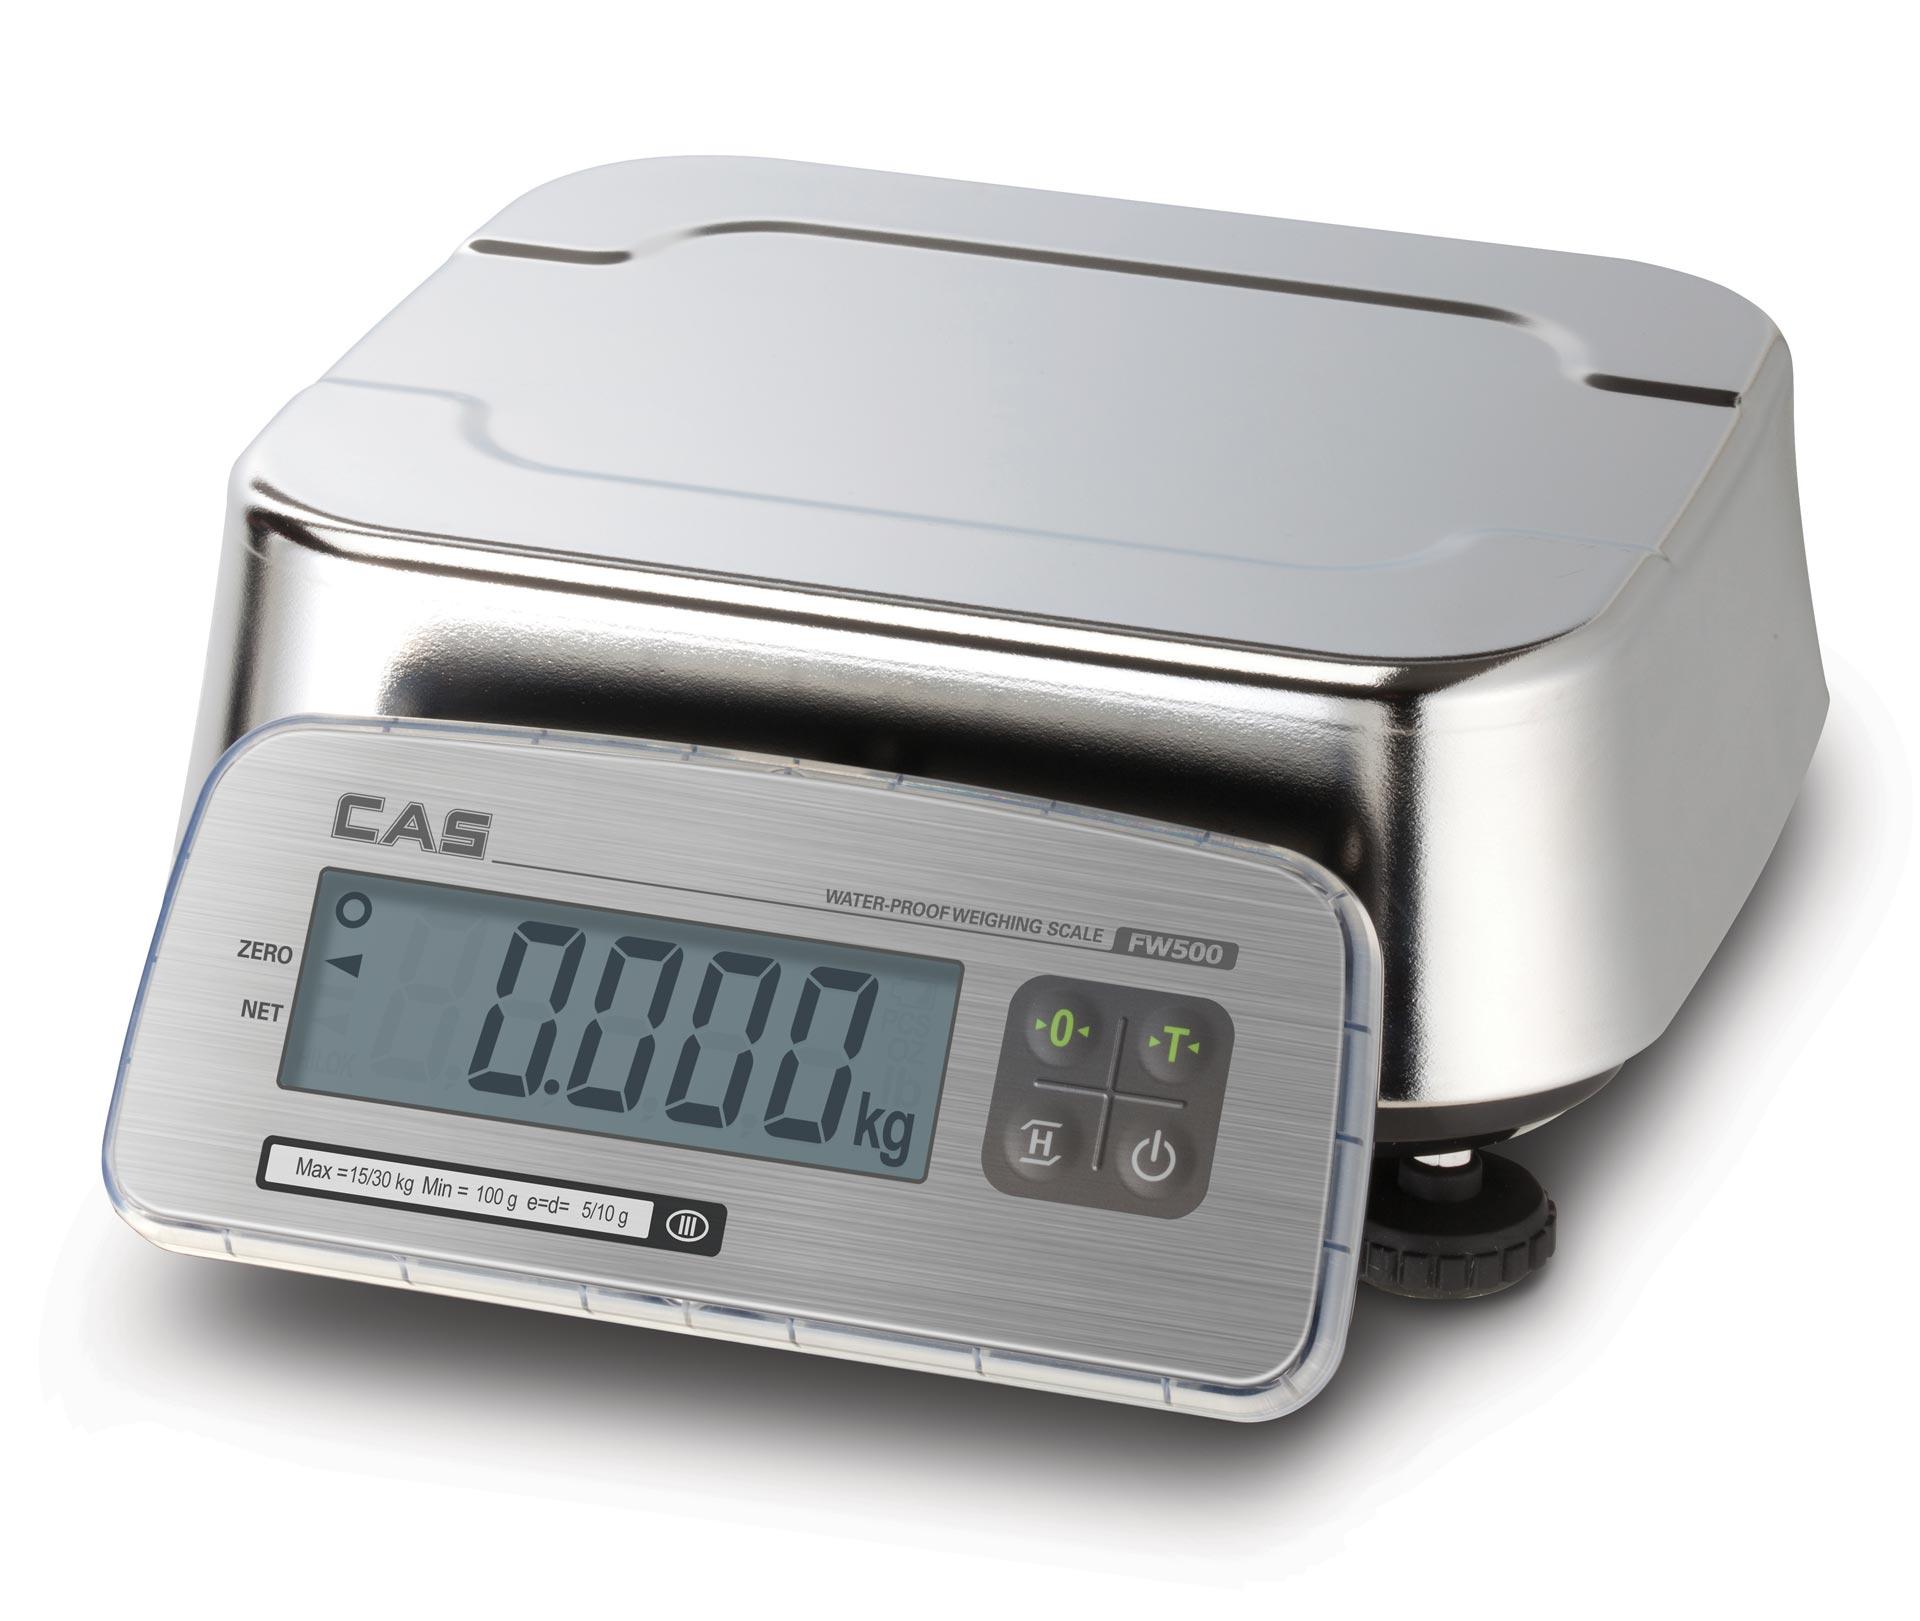 CAS FW-500 LCD Waterproof Scale